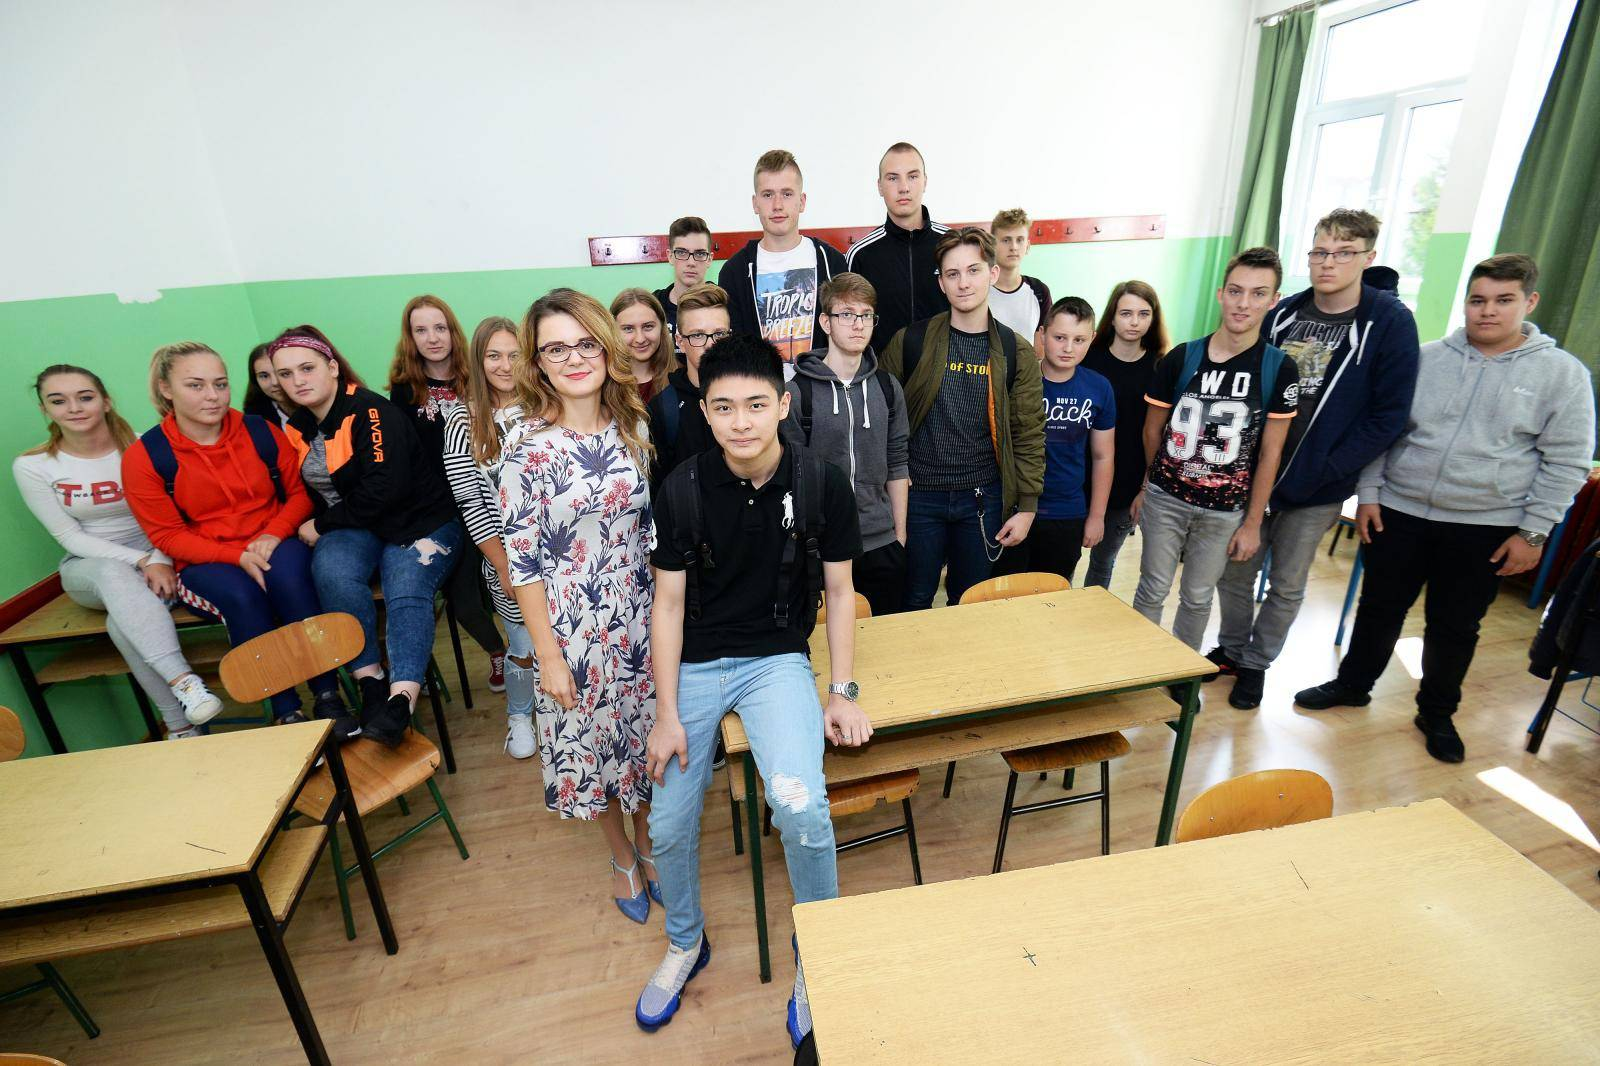 'U Hrvatskoj je super, kod nas je gužva, 50 nas je u razredu'